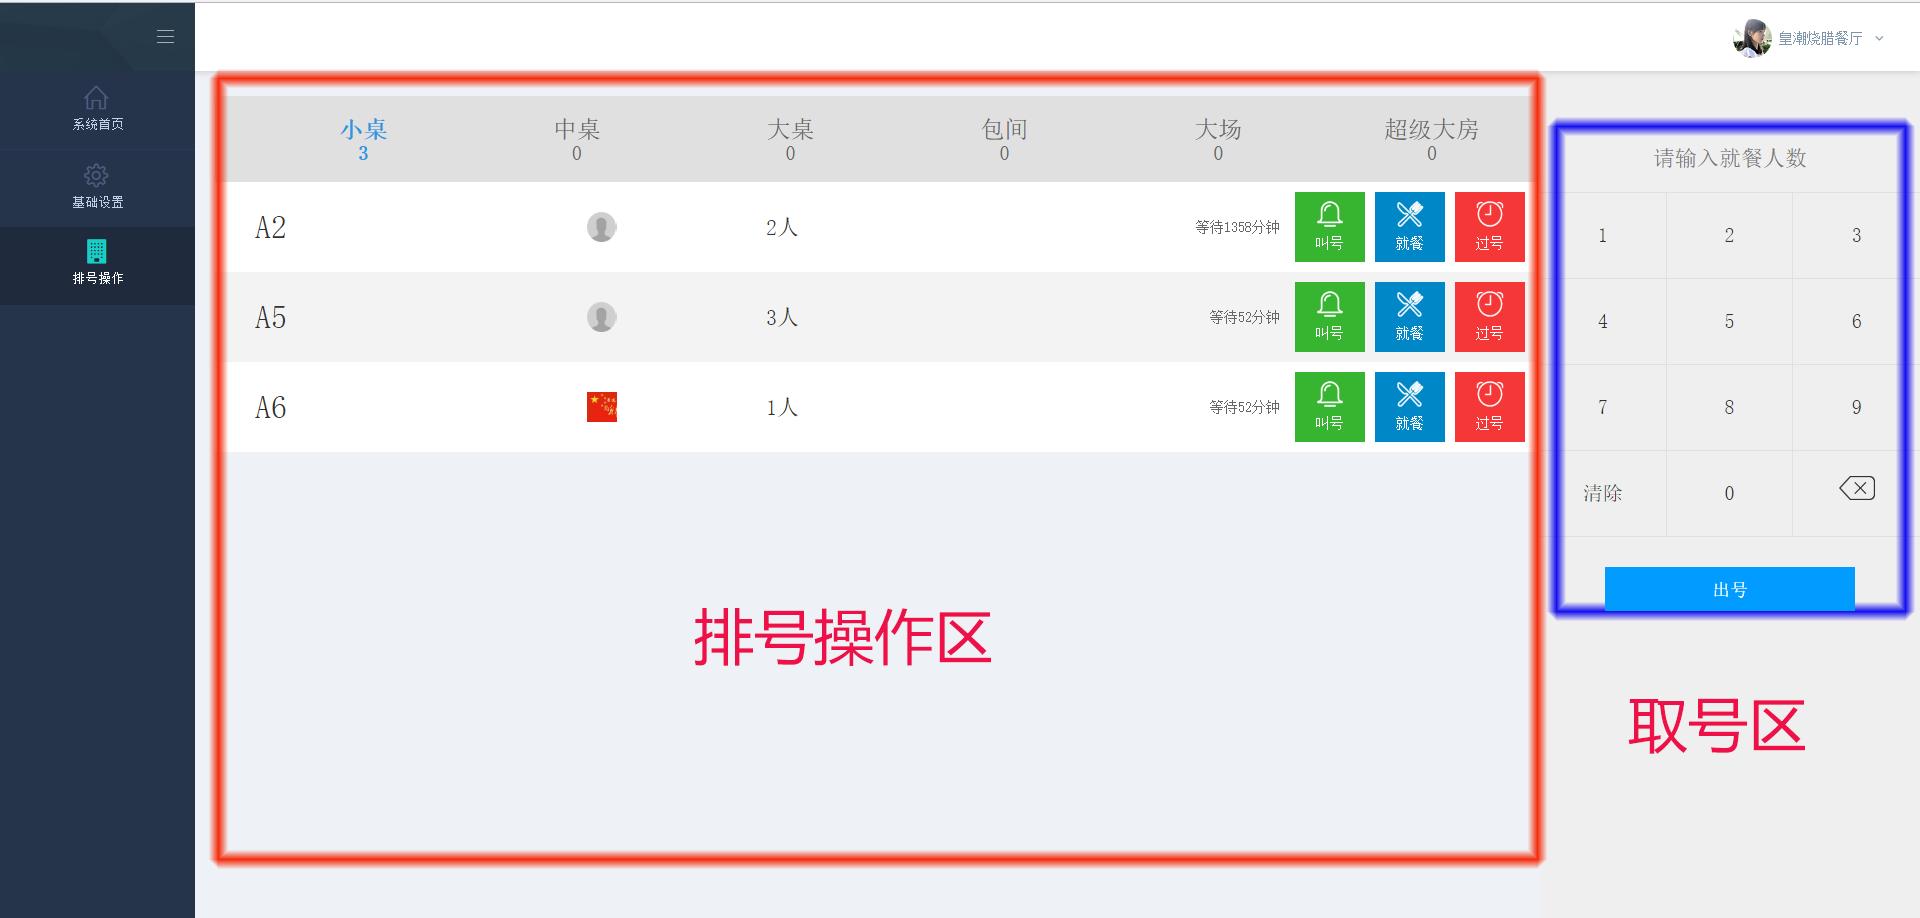 餐厅排号v1.1.8开源公众号源码 公众号源码 微擎 微赞 微信公众号 第6张